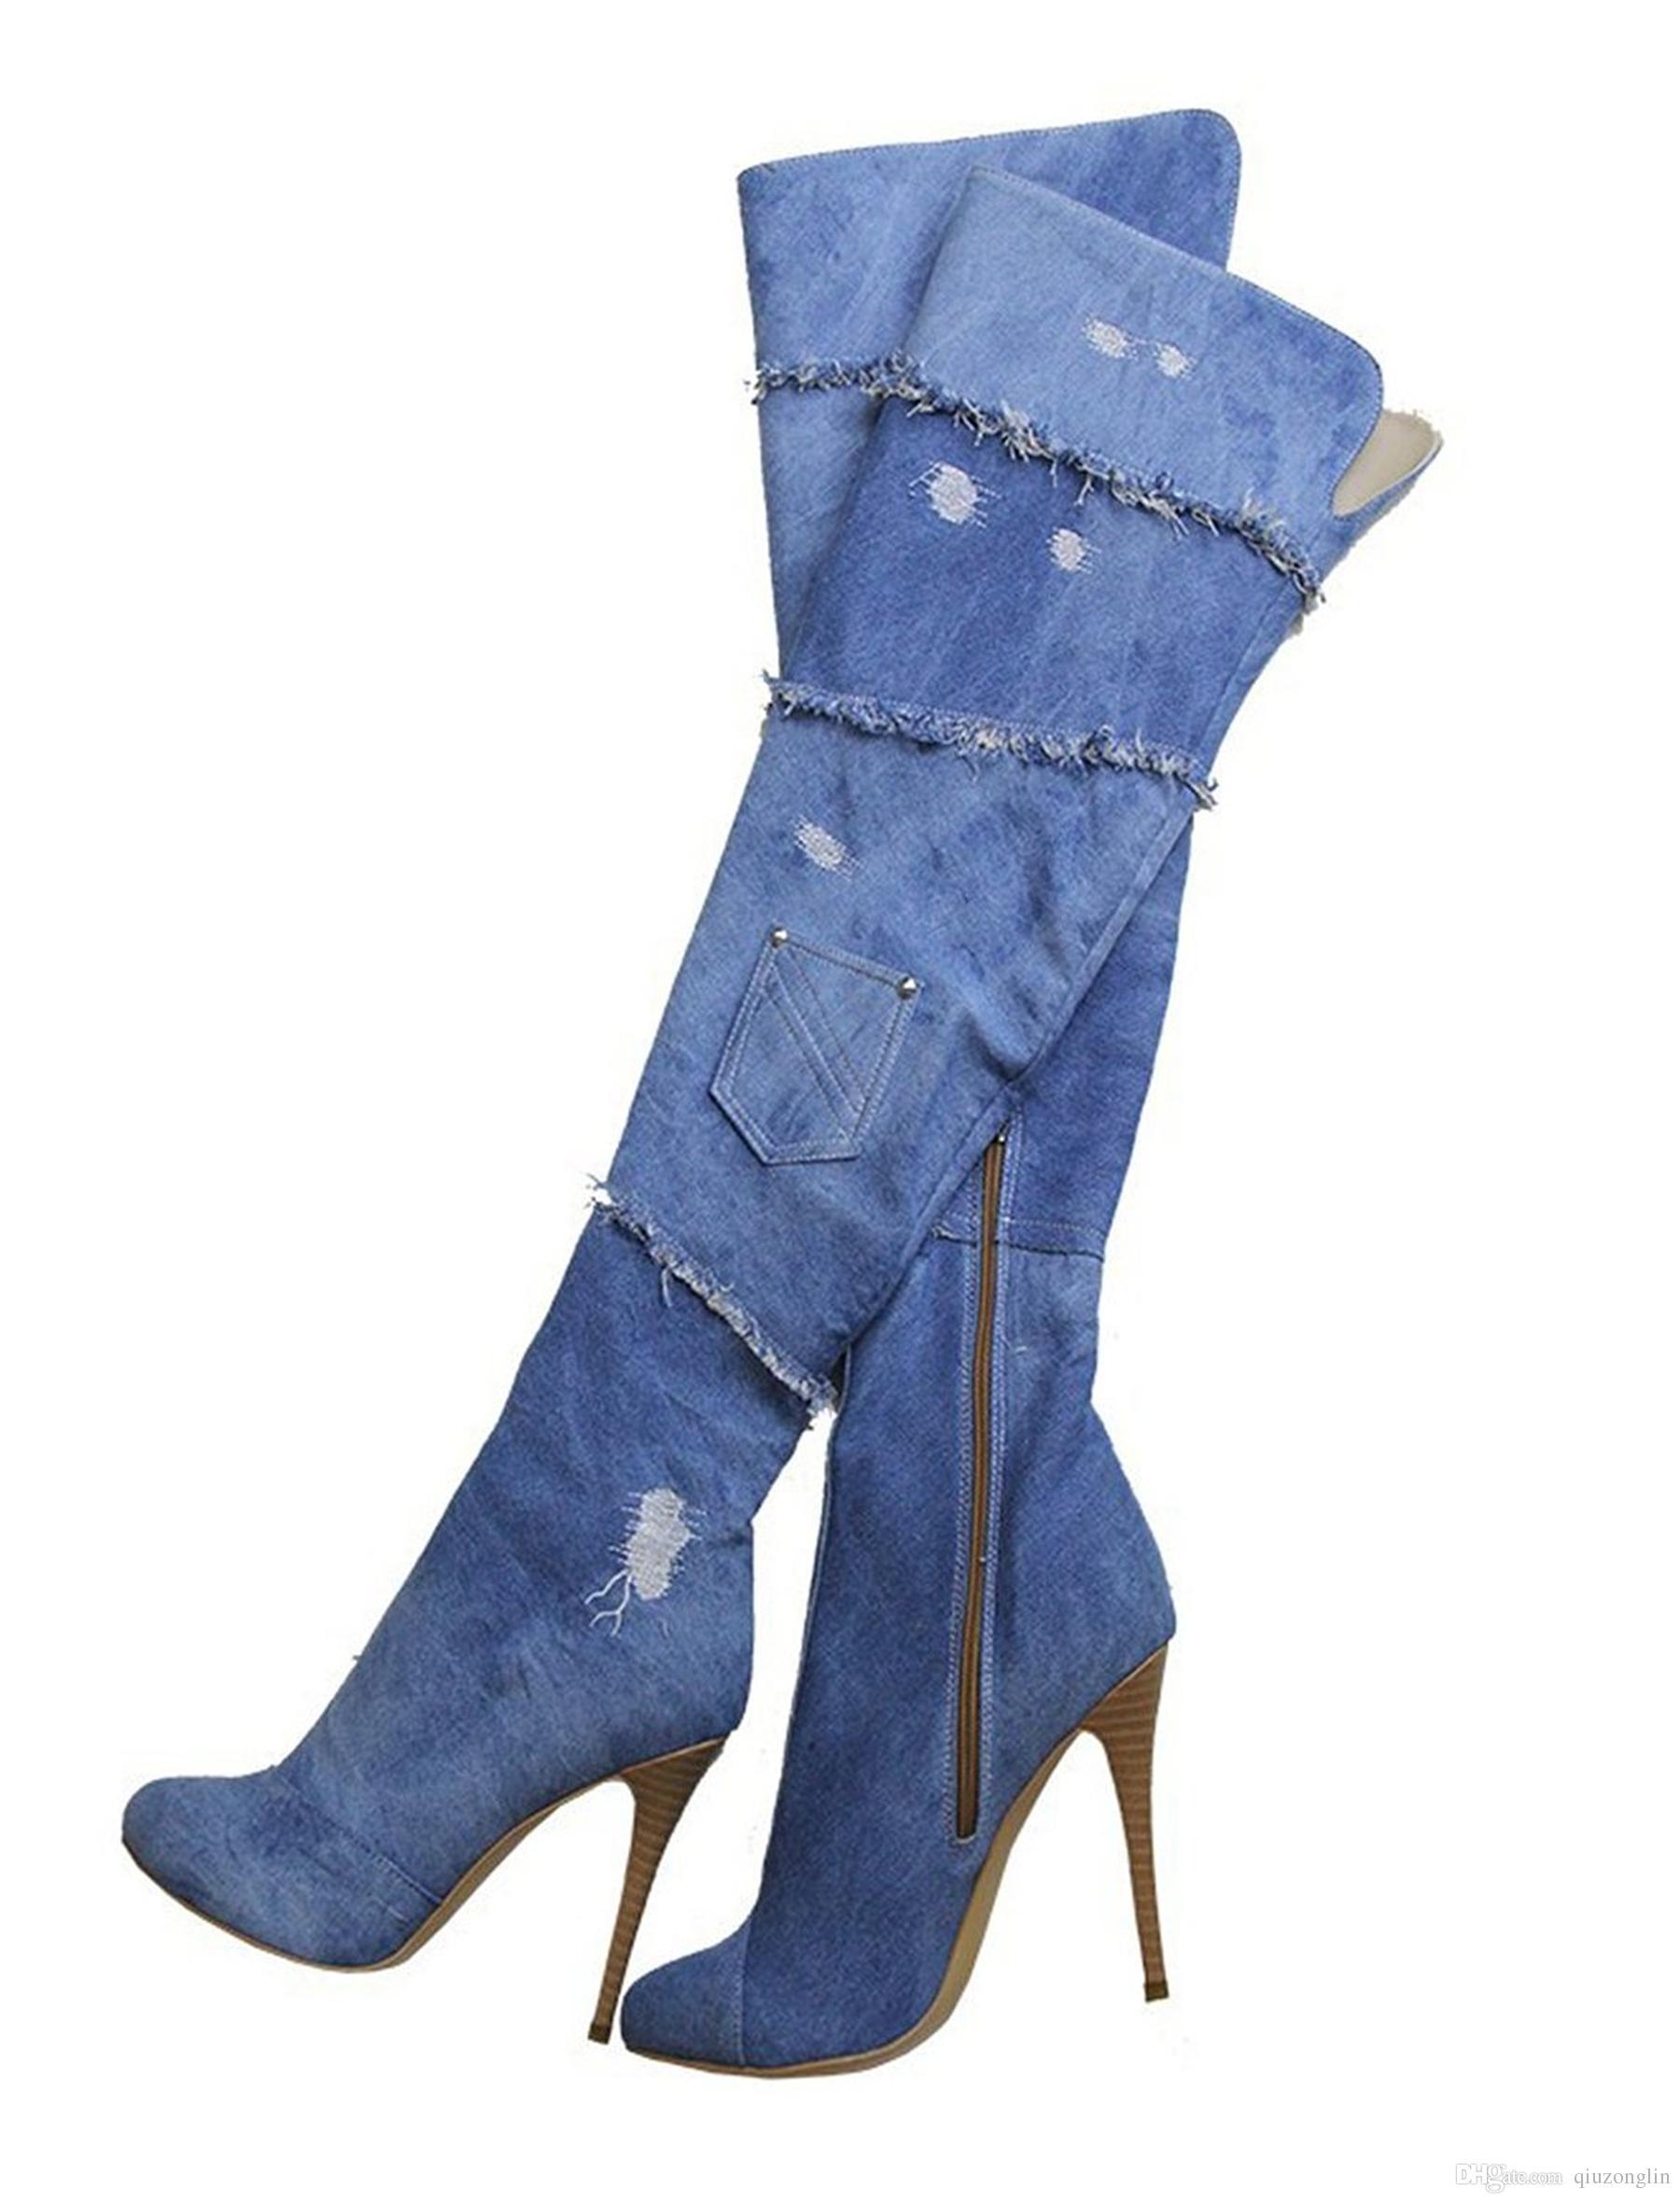 b8086d7faf2 Denim Thigh High Boots - Online Boots